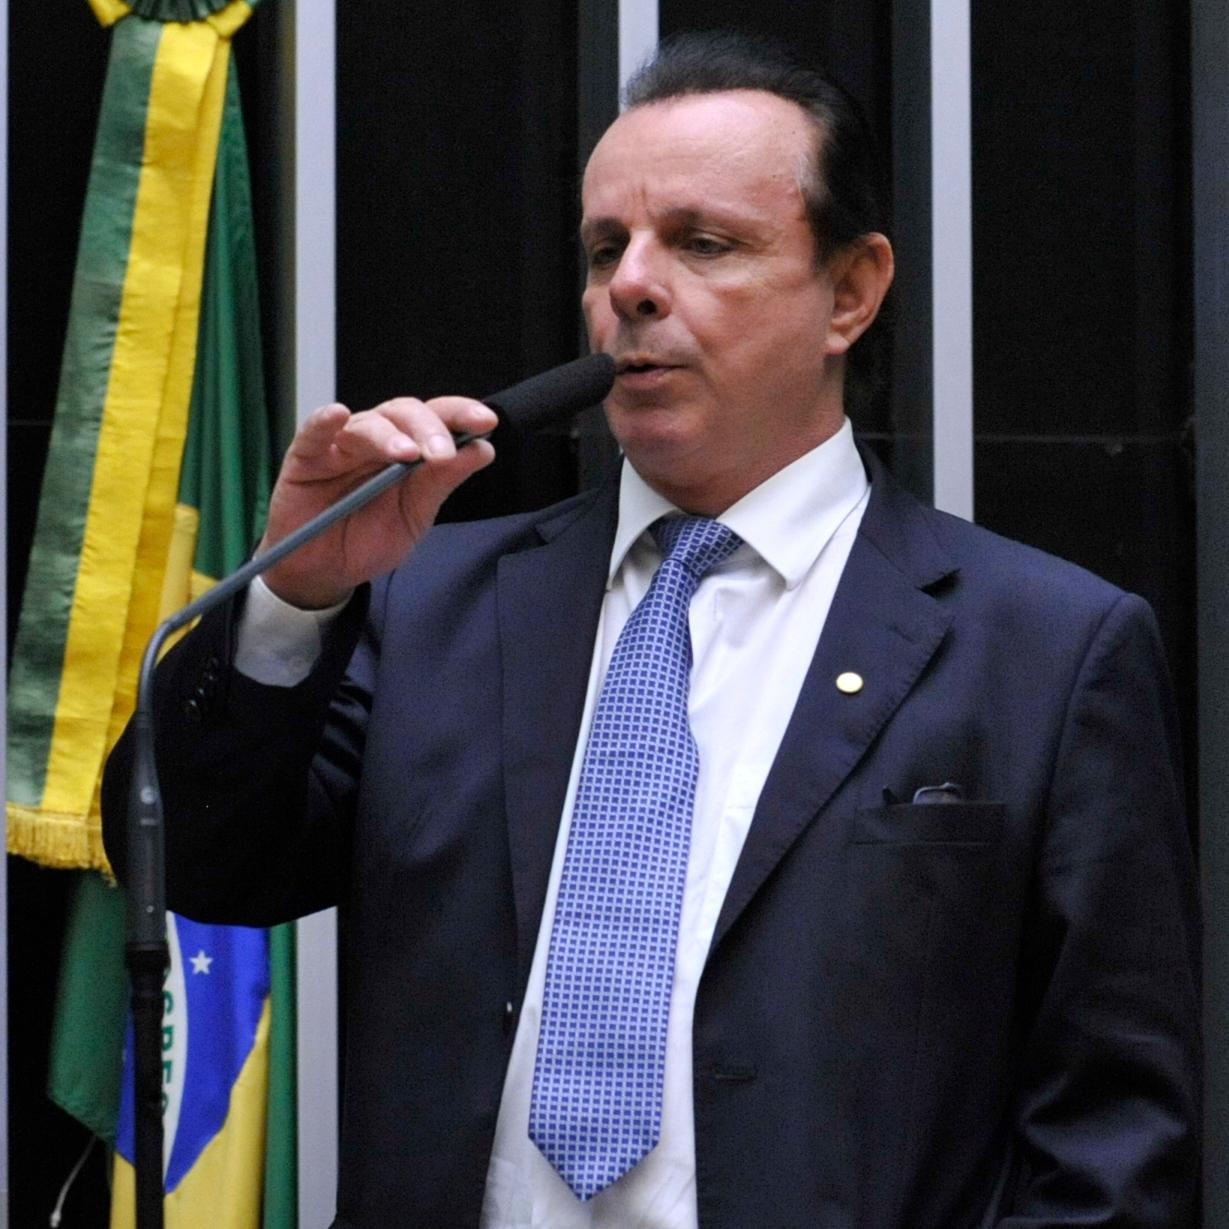 Sessão especial para discussão e votação do parecer do dep. Jovair Arantes (PTB-GO), aprovado em comissão especial, que recomenda a abertura do processo de impeachment da presidente da República - Dep. Cesar Souza (PSD-SC)